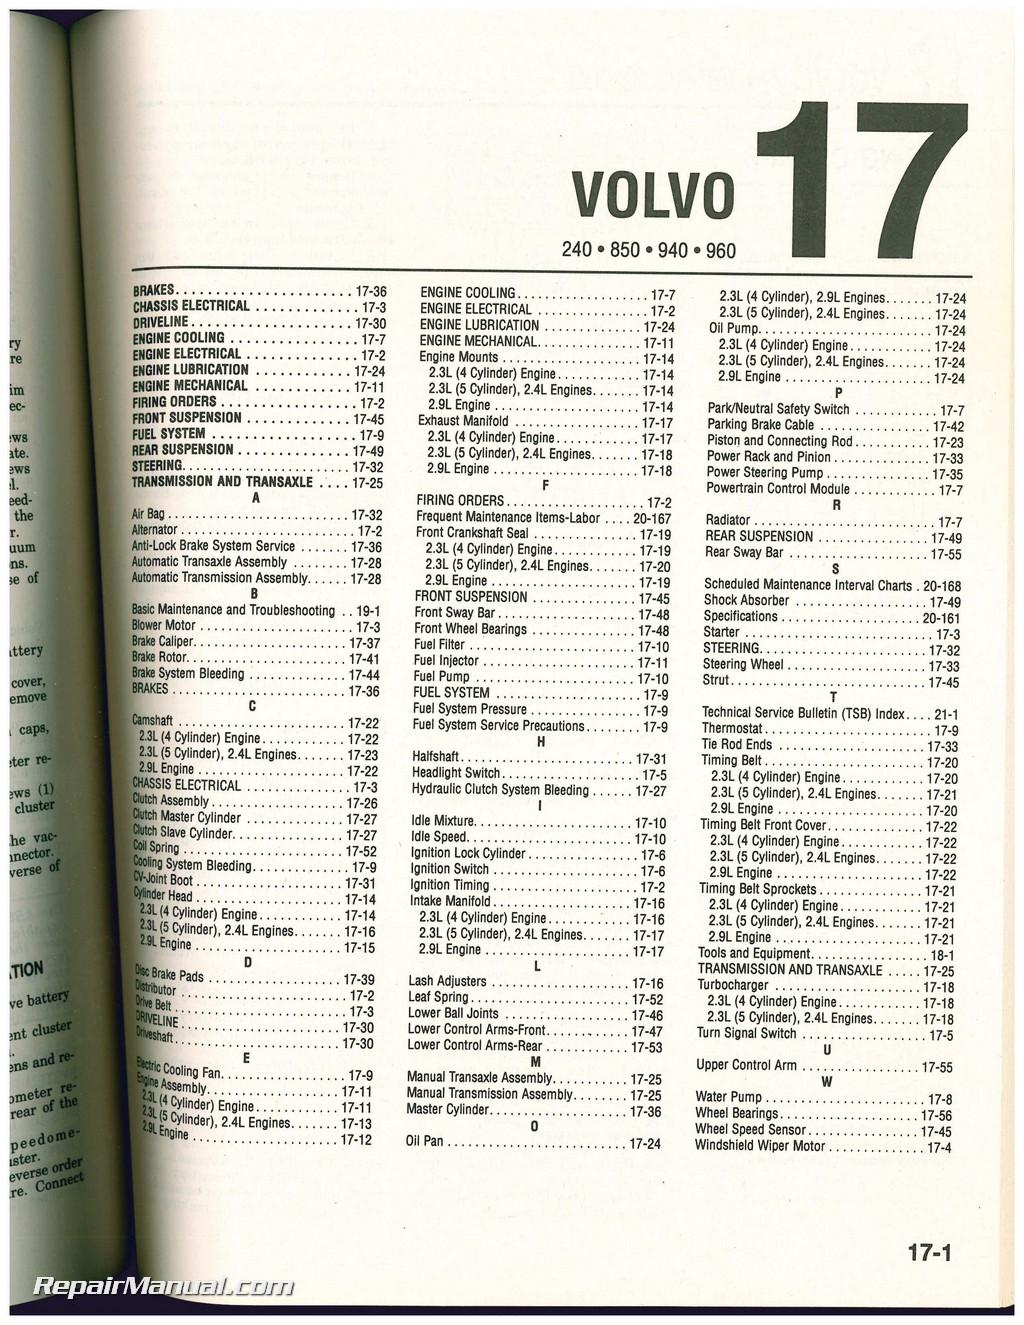 Used Chilton Import Car Repair Manual 1993 Wiring Diagram